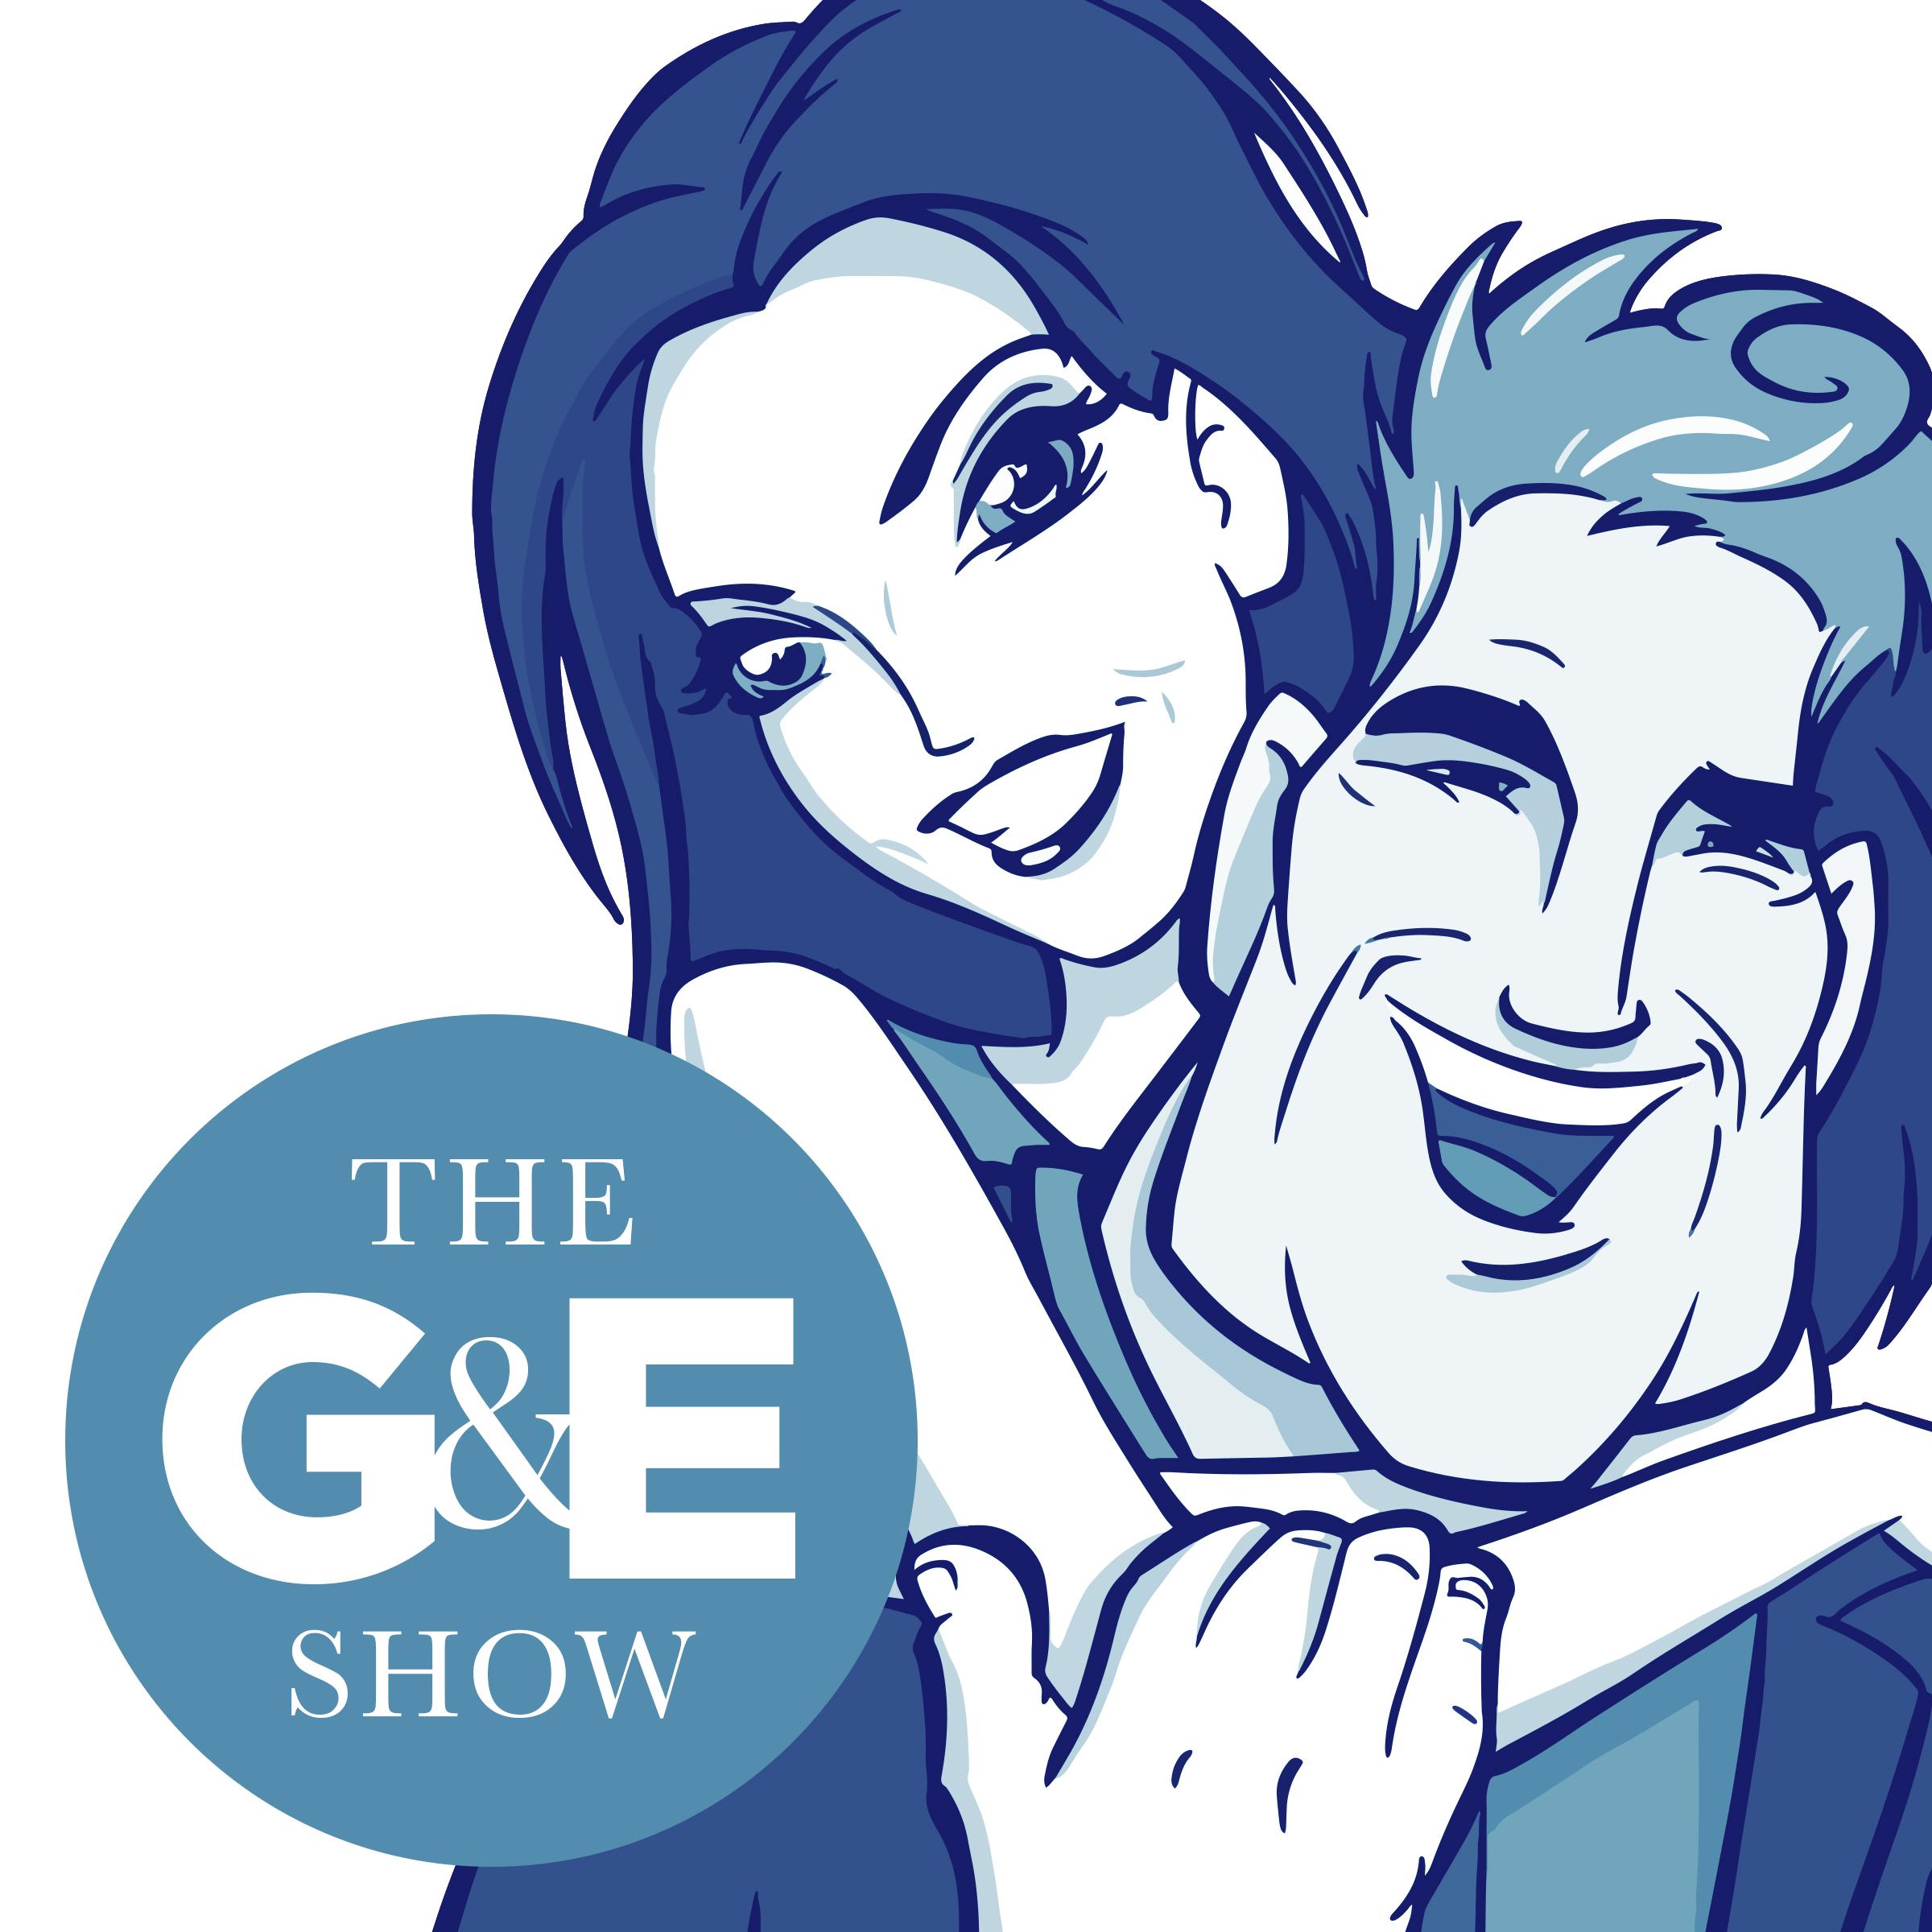 The G&E Show show image